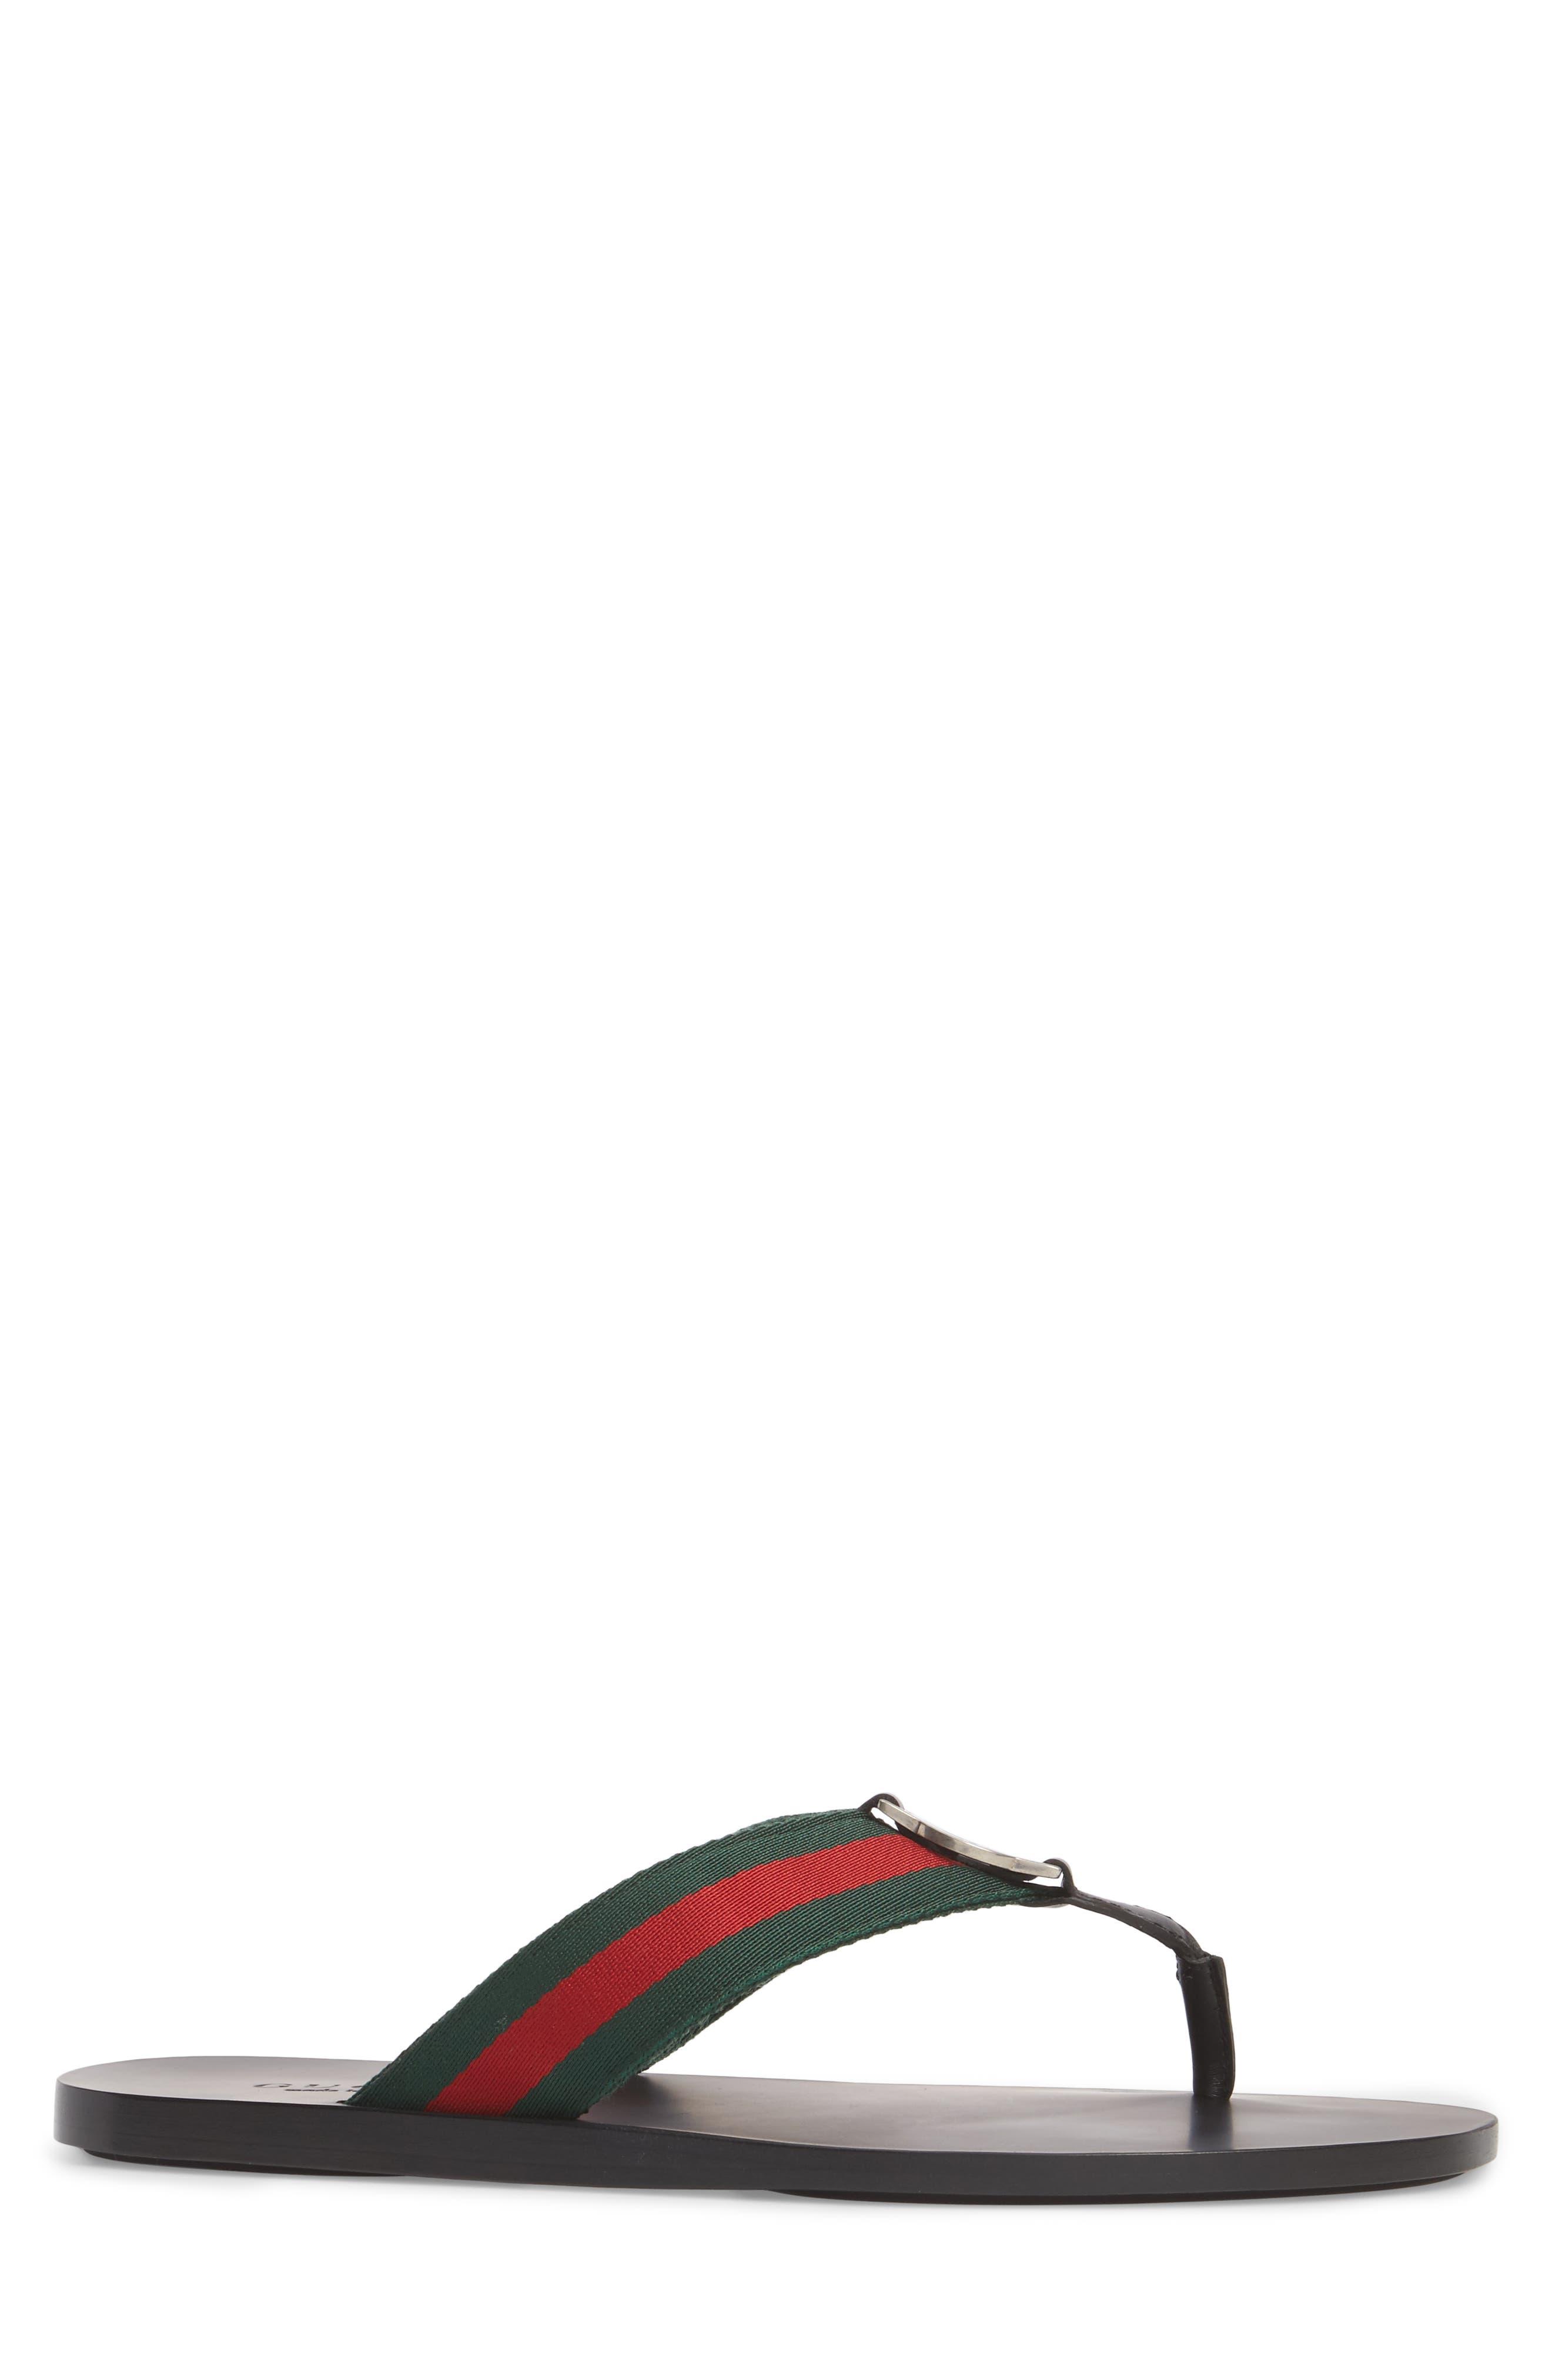 Flip Flop,                             Alternate thumbnail 3, color,                             Black